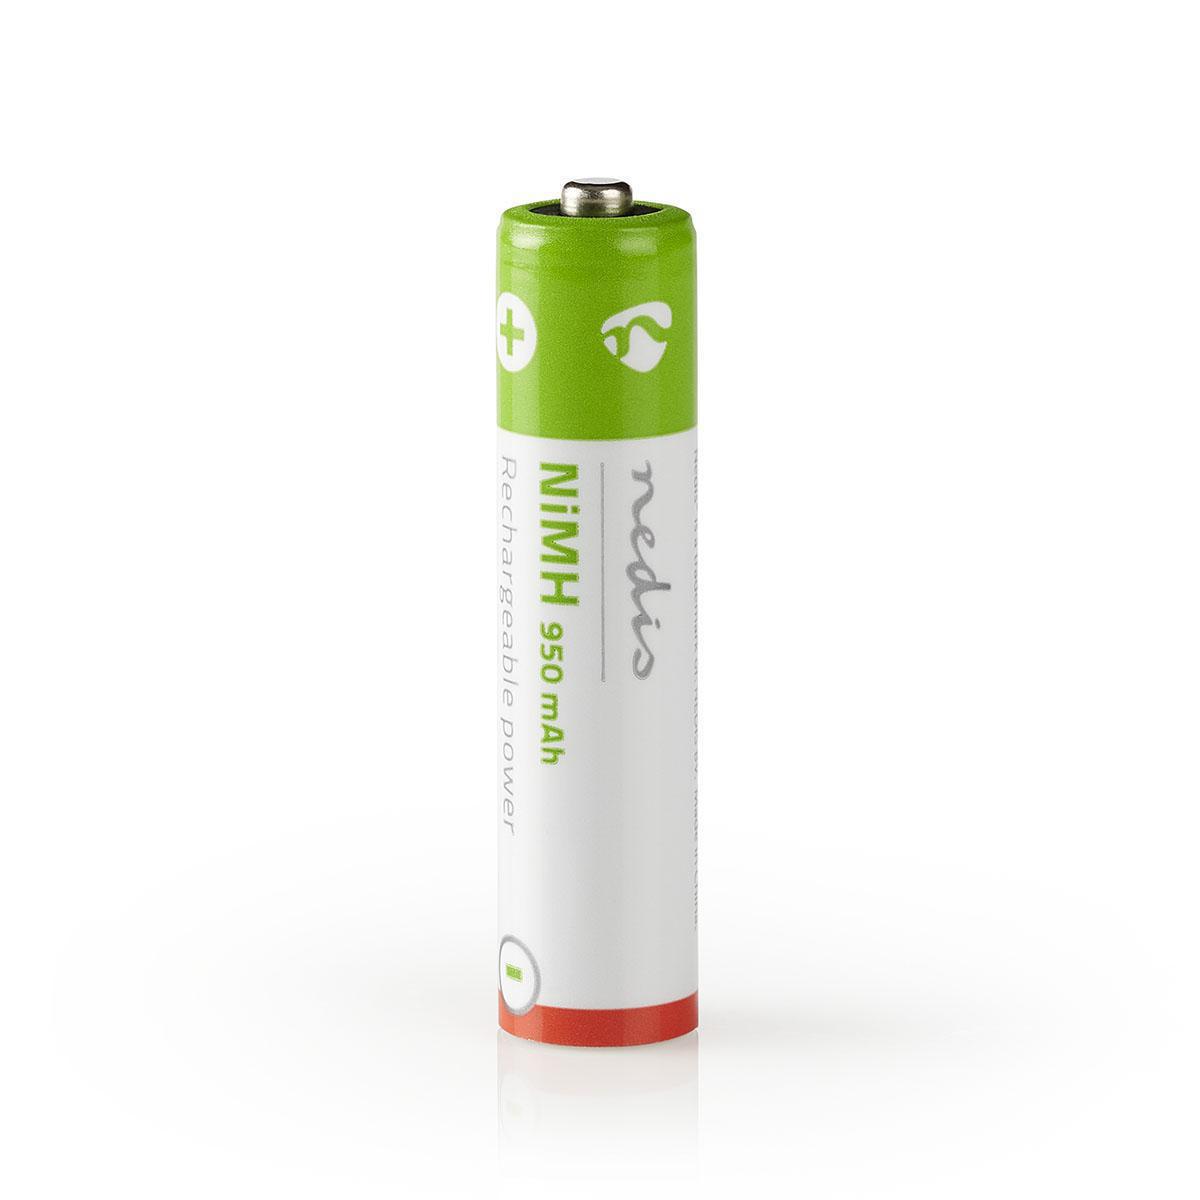 Nedis oplaadbare batterij 4x AAA voor telefoons